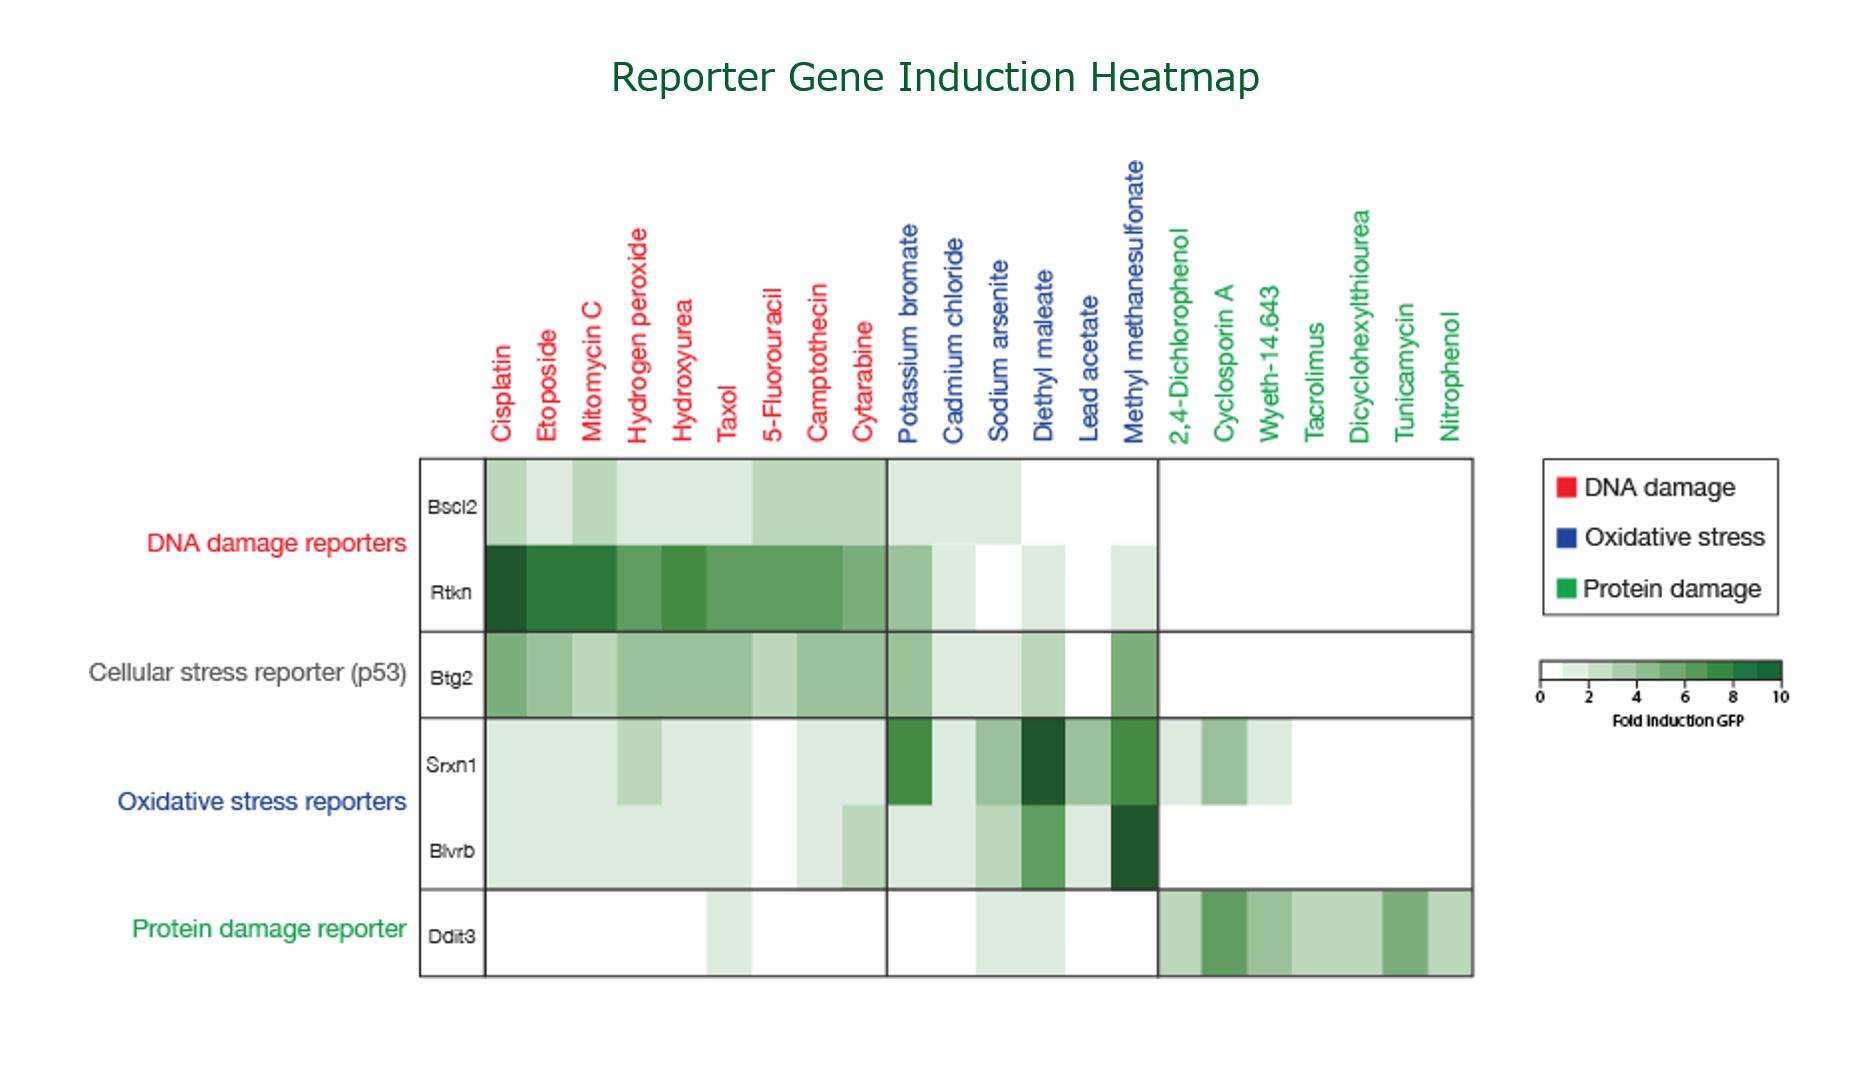 ToxTracker_Heatmap.